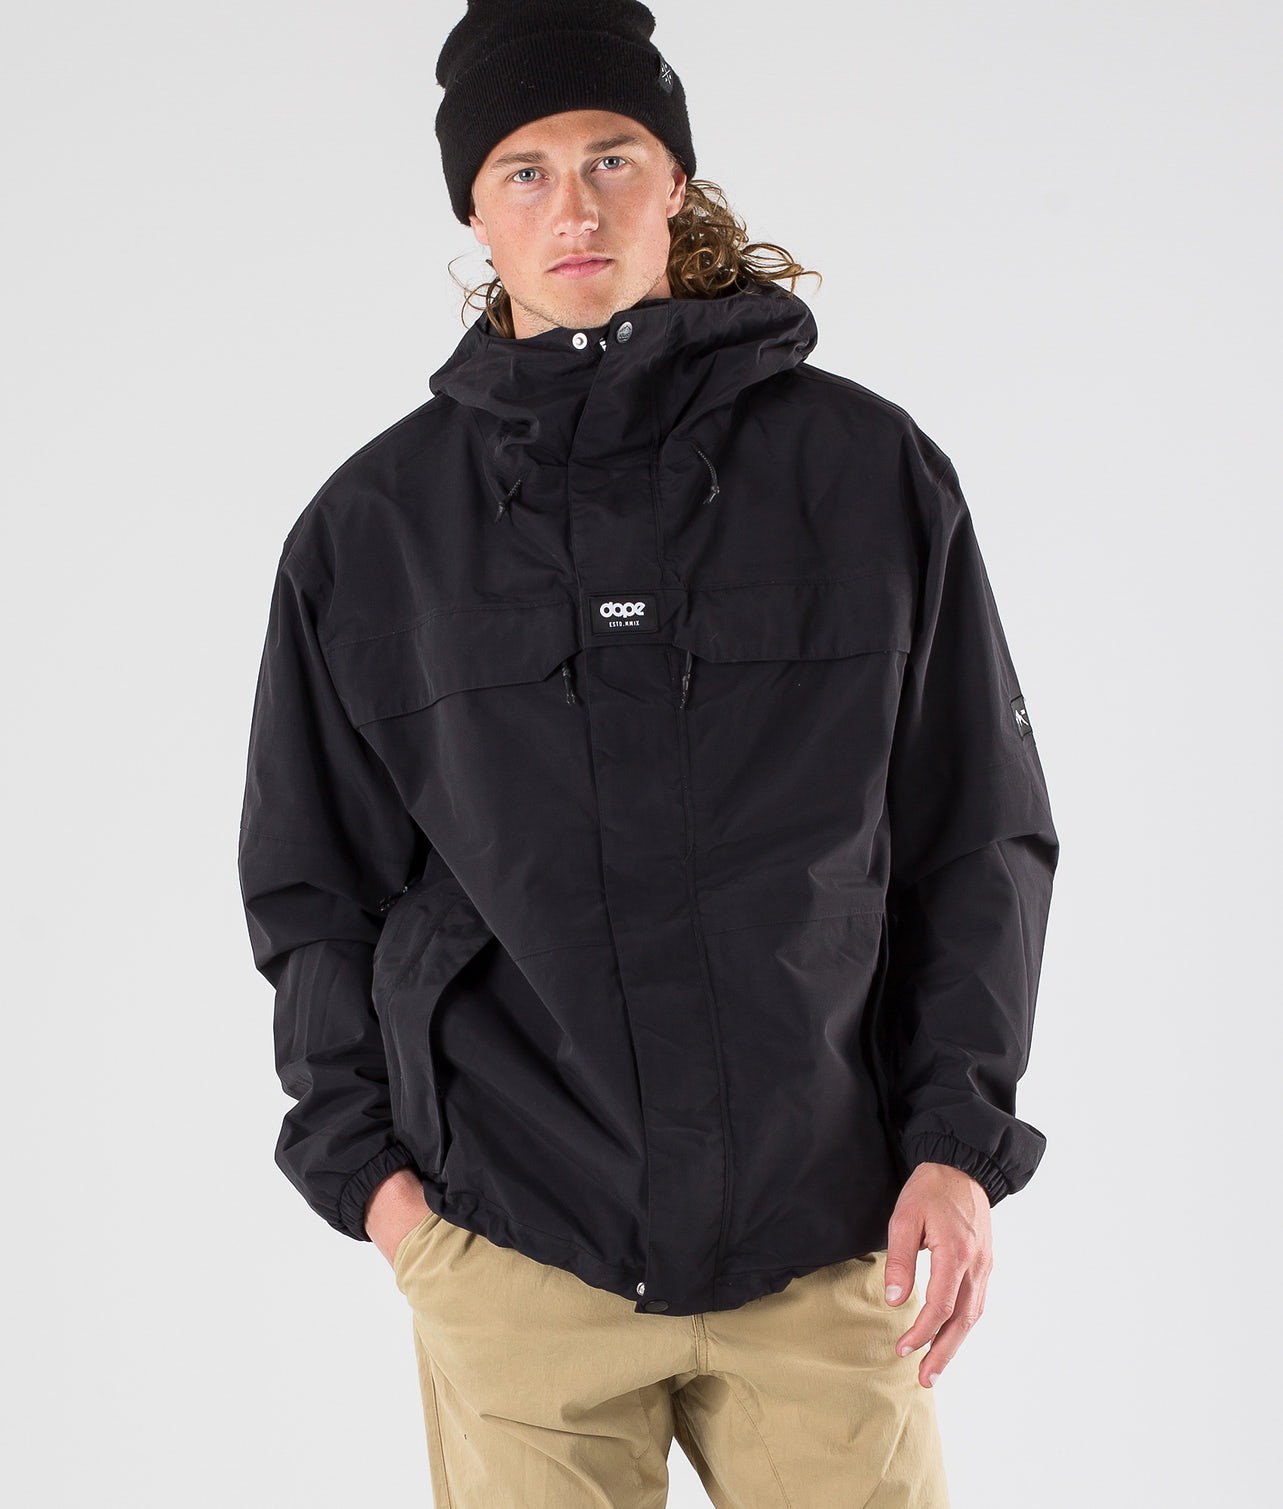 Köp Trekker Outdoor Jacka från Dope på Ridestore.se Hos oss har du alltid fri frakt, fri retur och 30 dagar öppet köp!